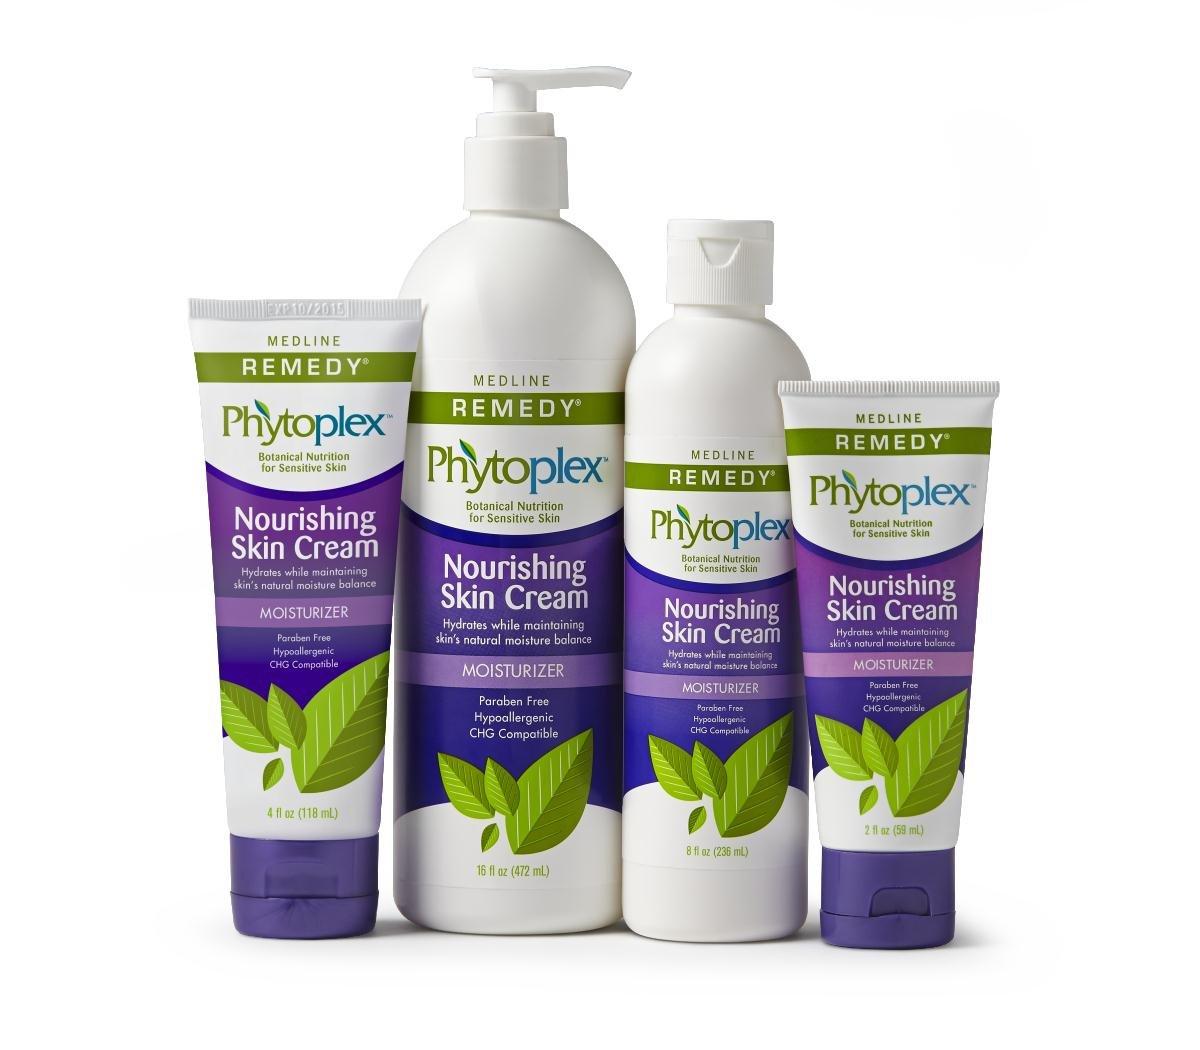 Medline MSC0924002UNS Remedy Phytoplex Nourishing Skin Cream, 2oz. (Case of 24)